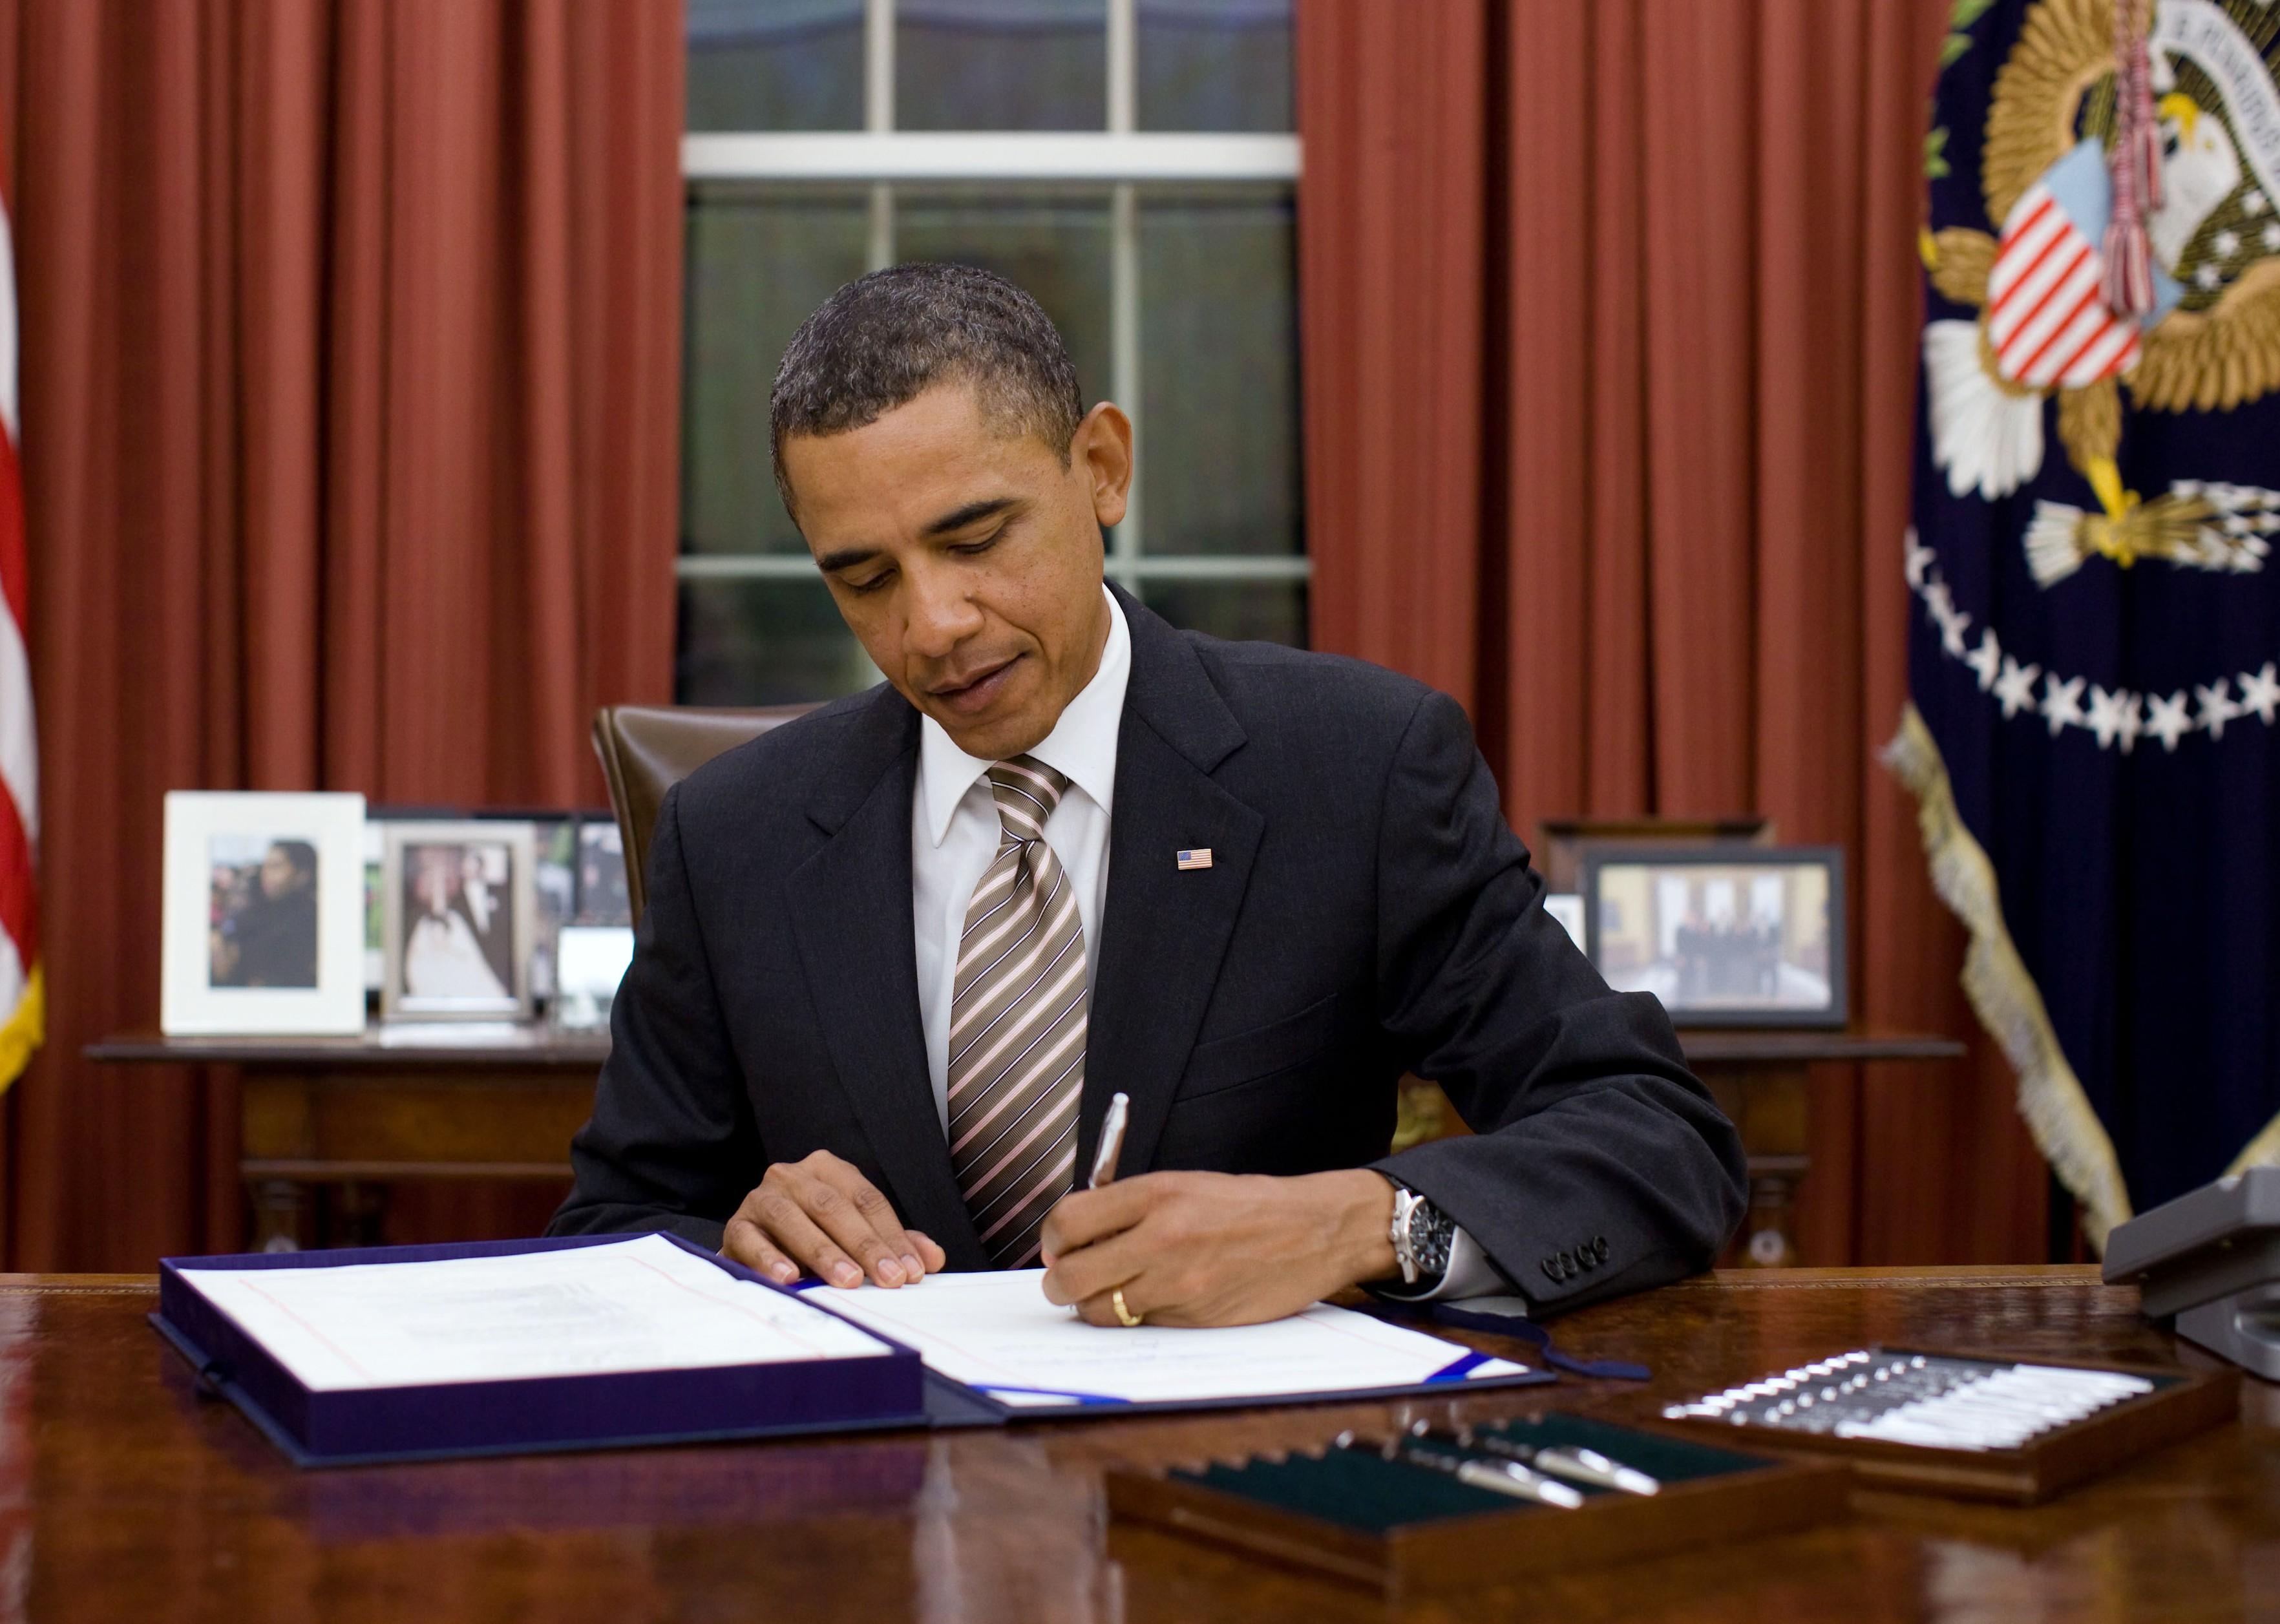 La traición de Obamapor Jonathan Tobin